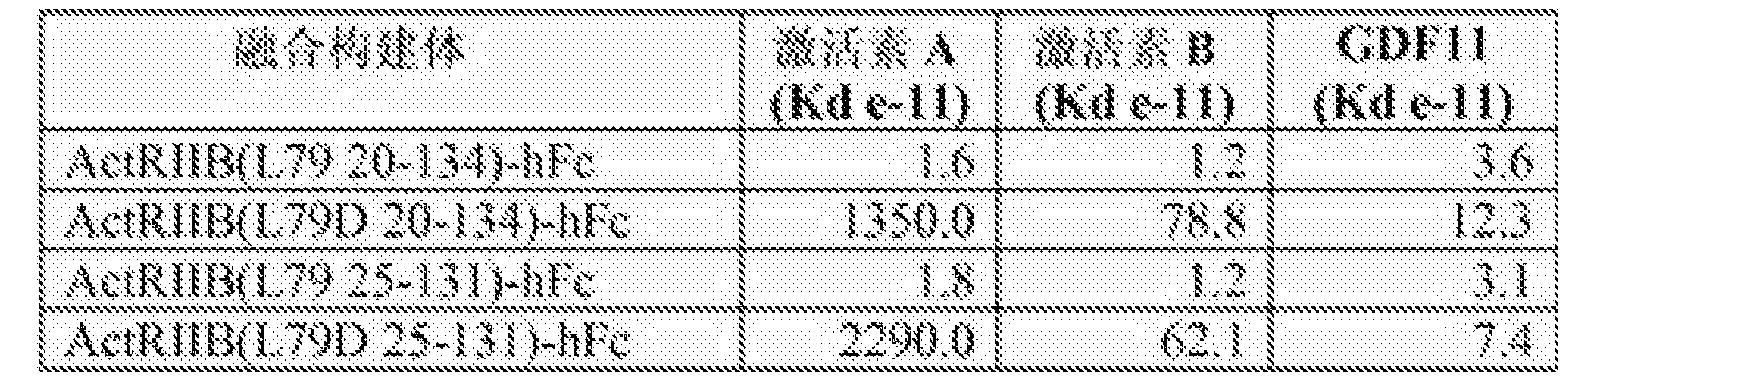 Figure CN103987403BD00522